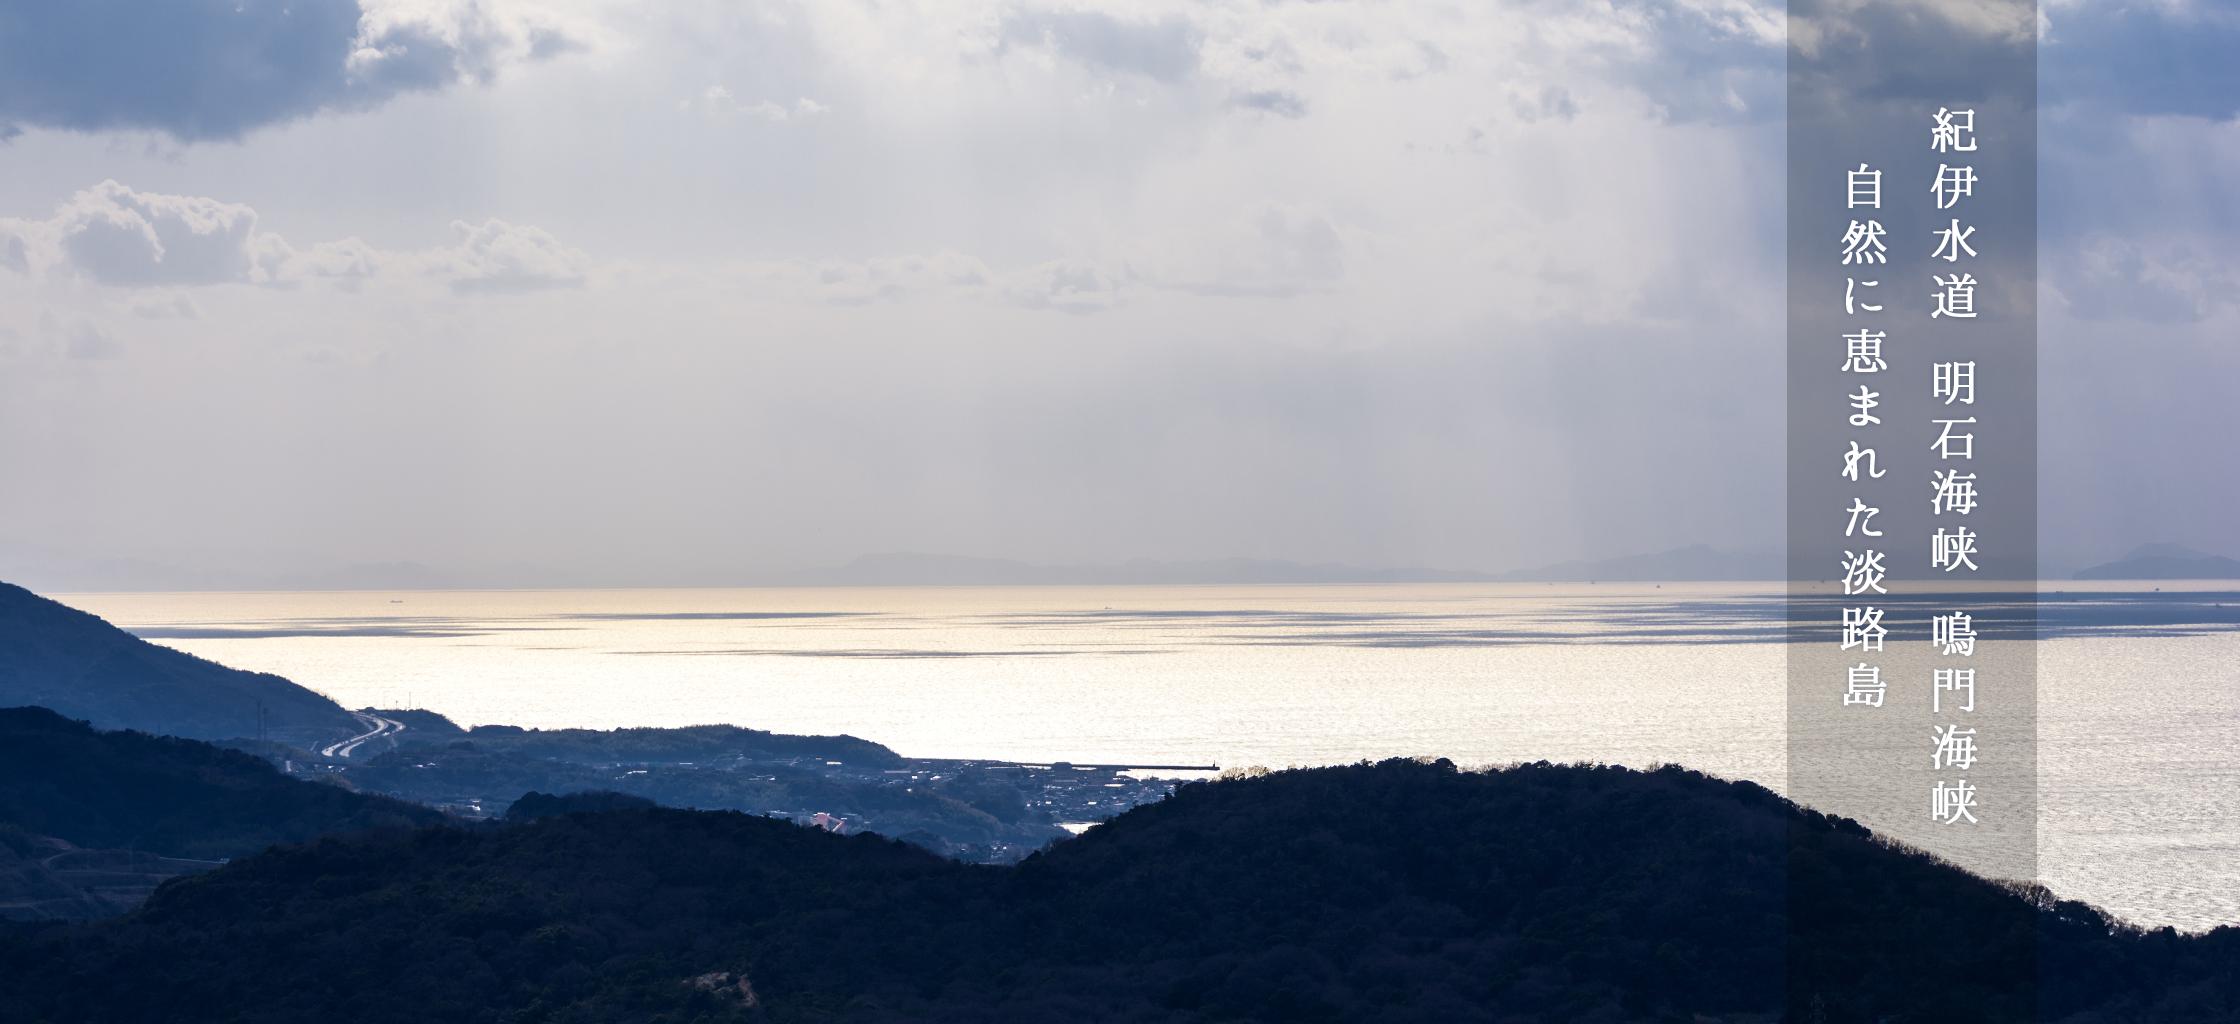 紀伊水道 明石海峡 鳴門海峡  自然に恵まれた淡路島